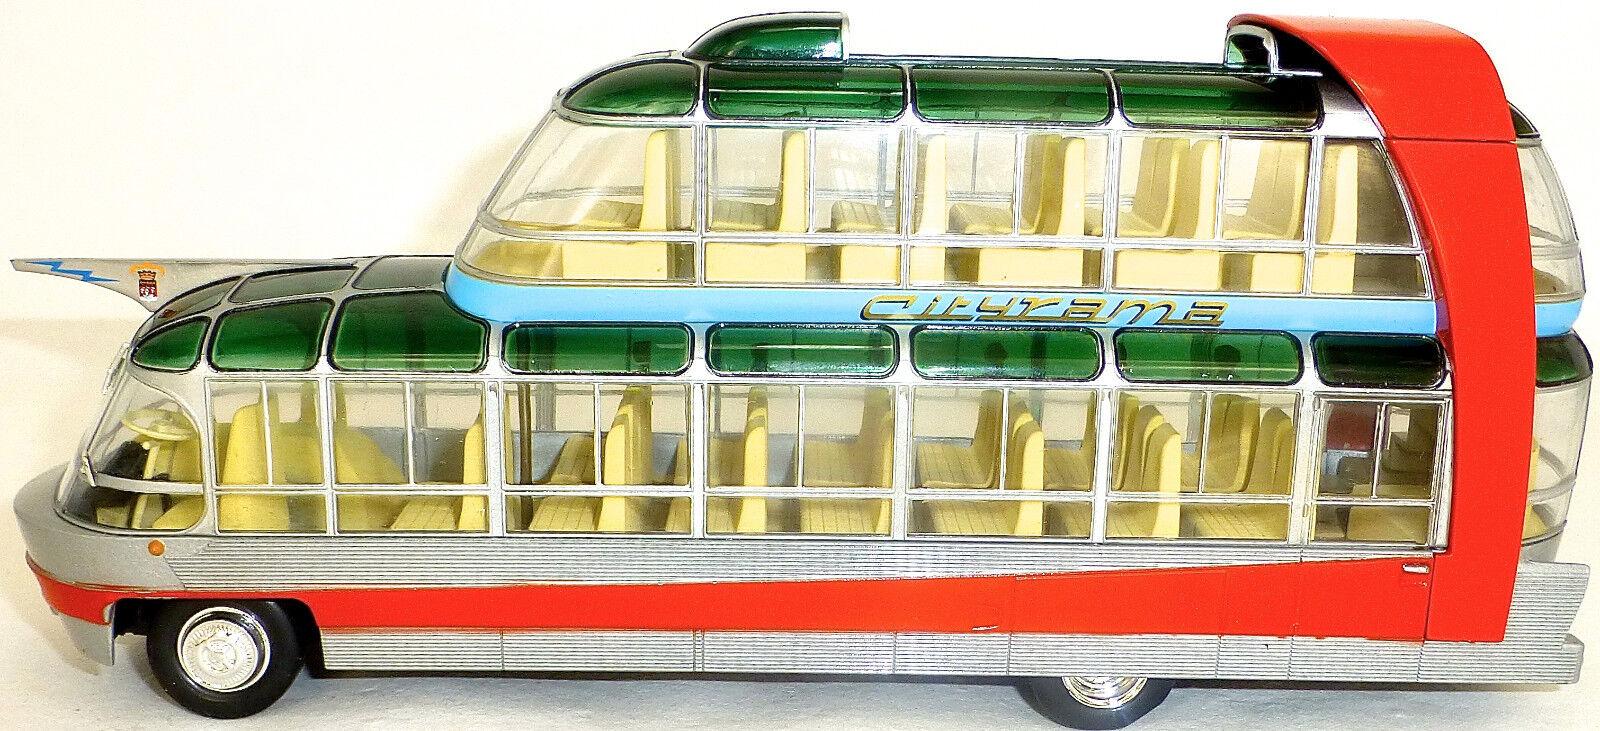 CITROEN U55 Cityrama Currus Bus IXO para HACHETTE 1 43 NUEVO EN emb.orig. hf5